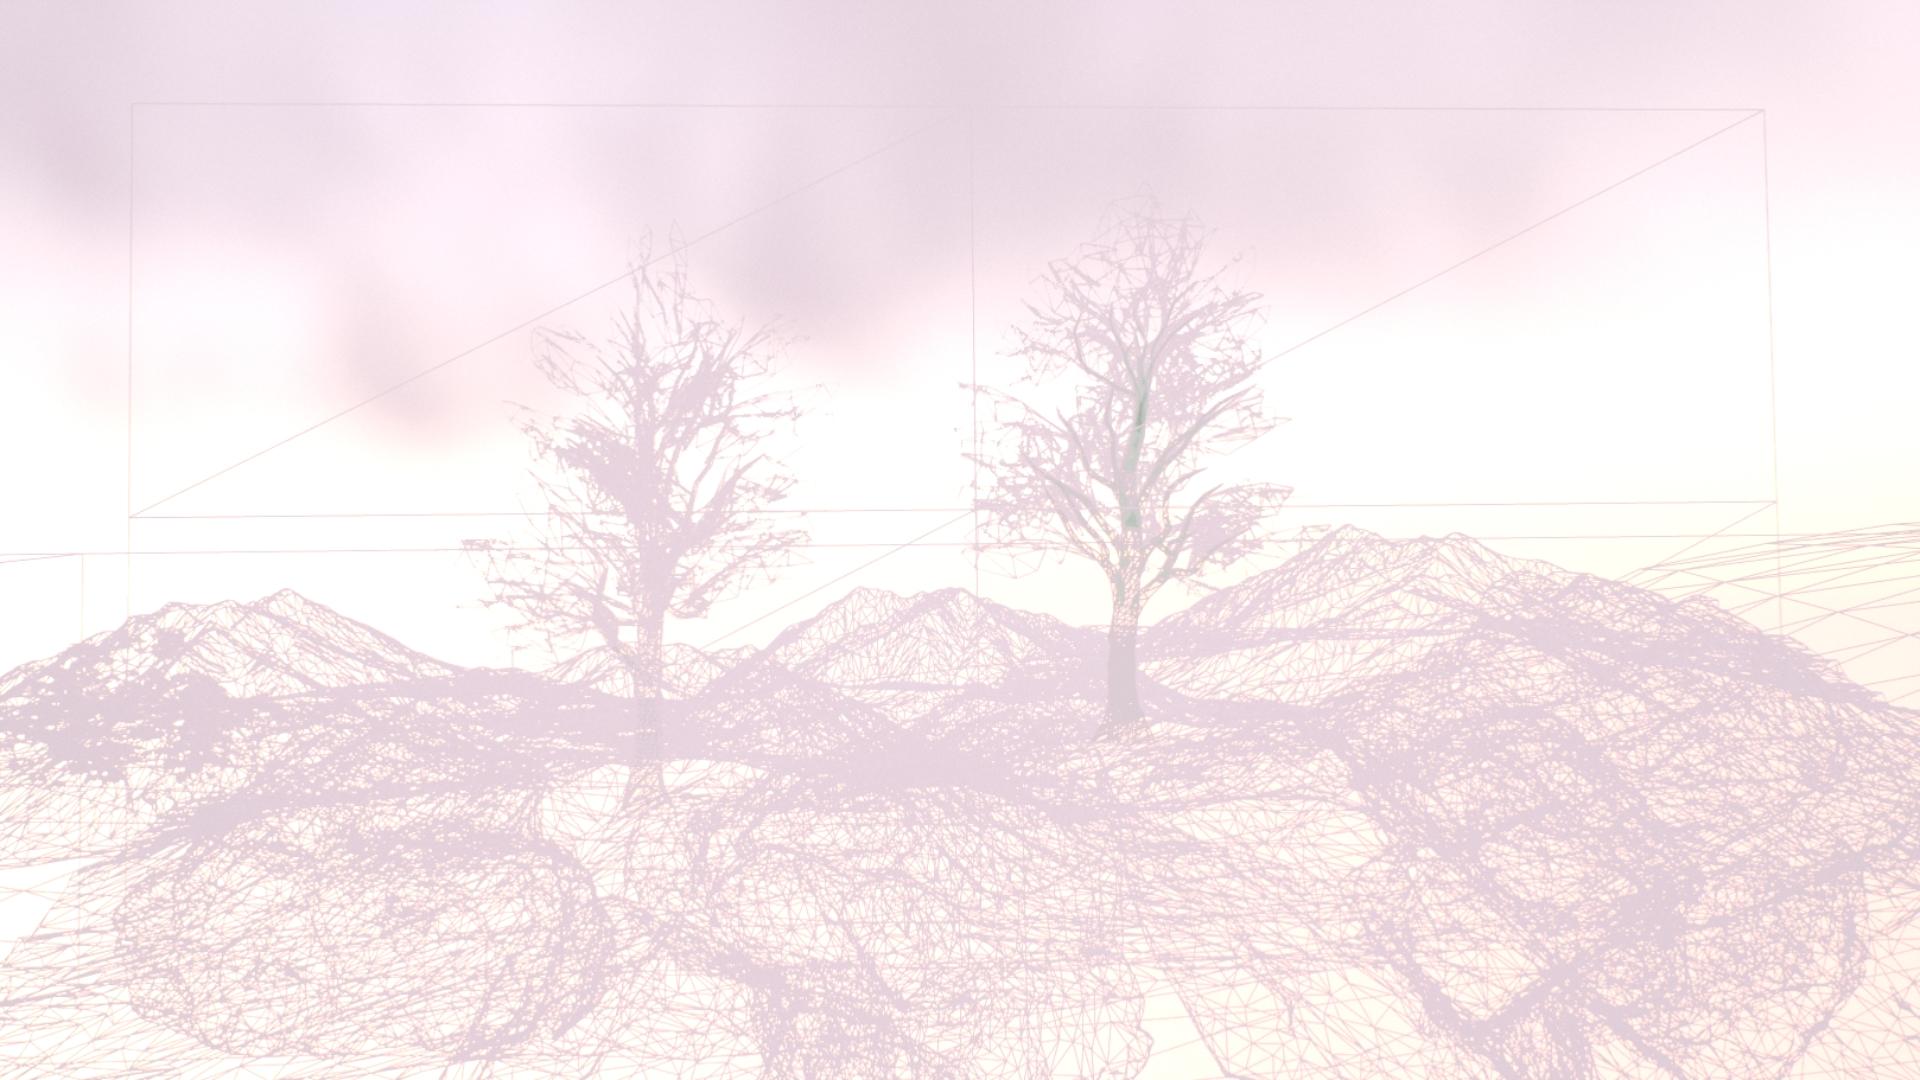 WireframeValley2.7537.jpg